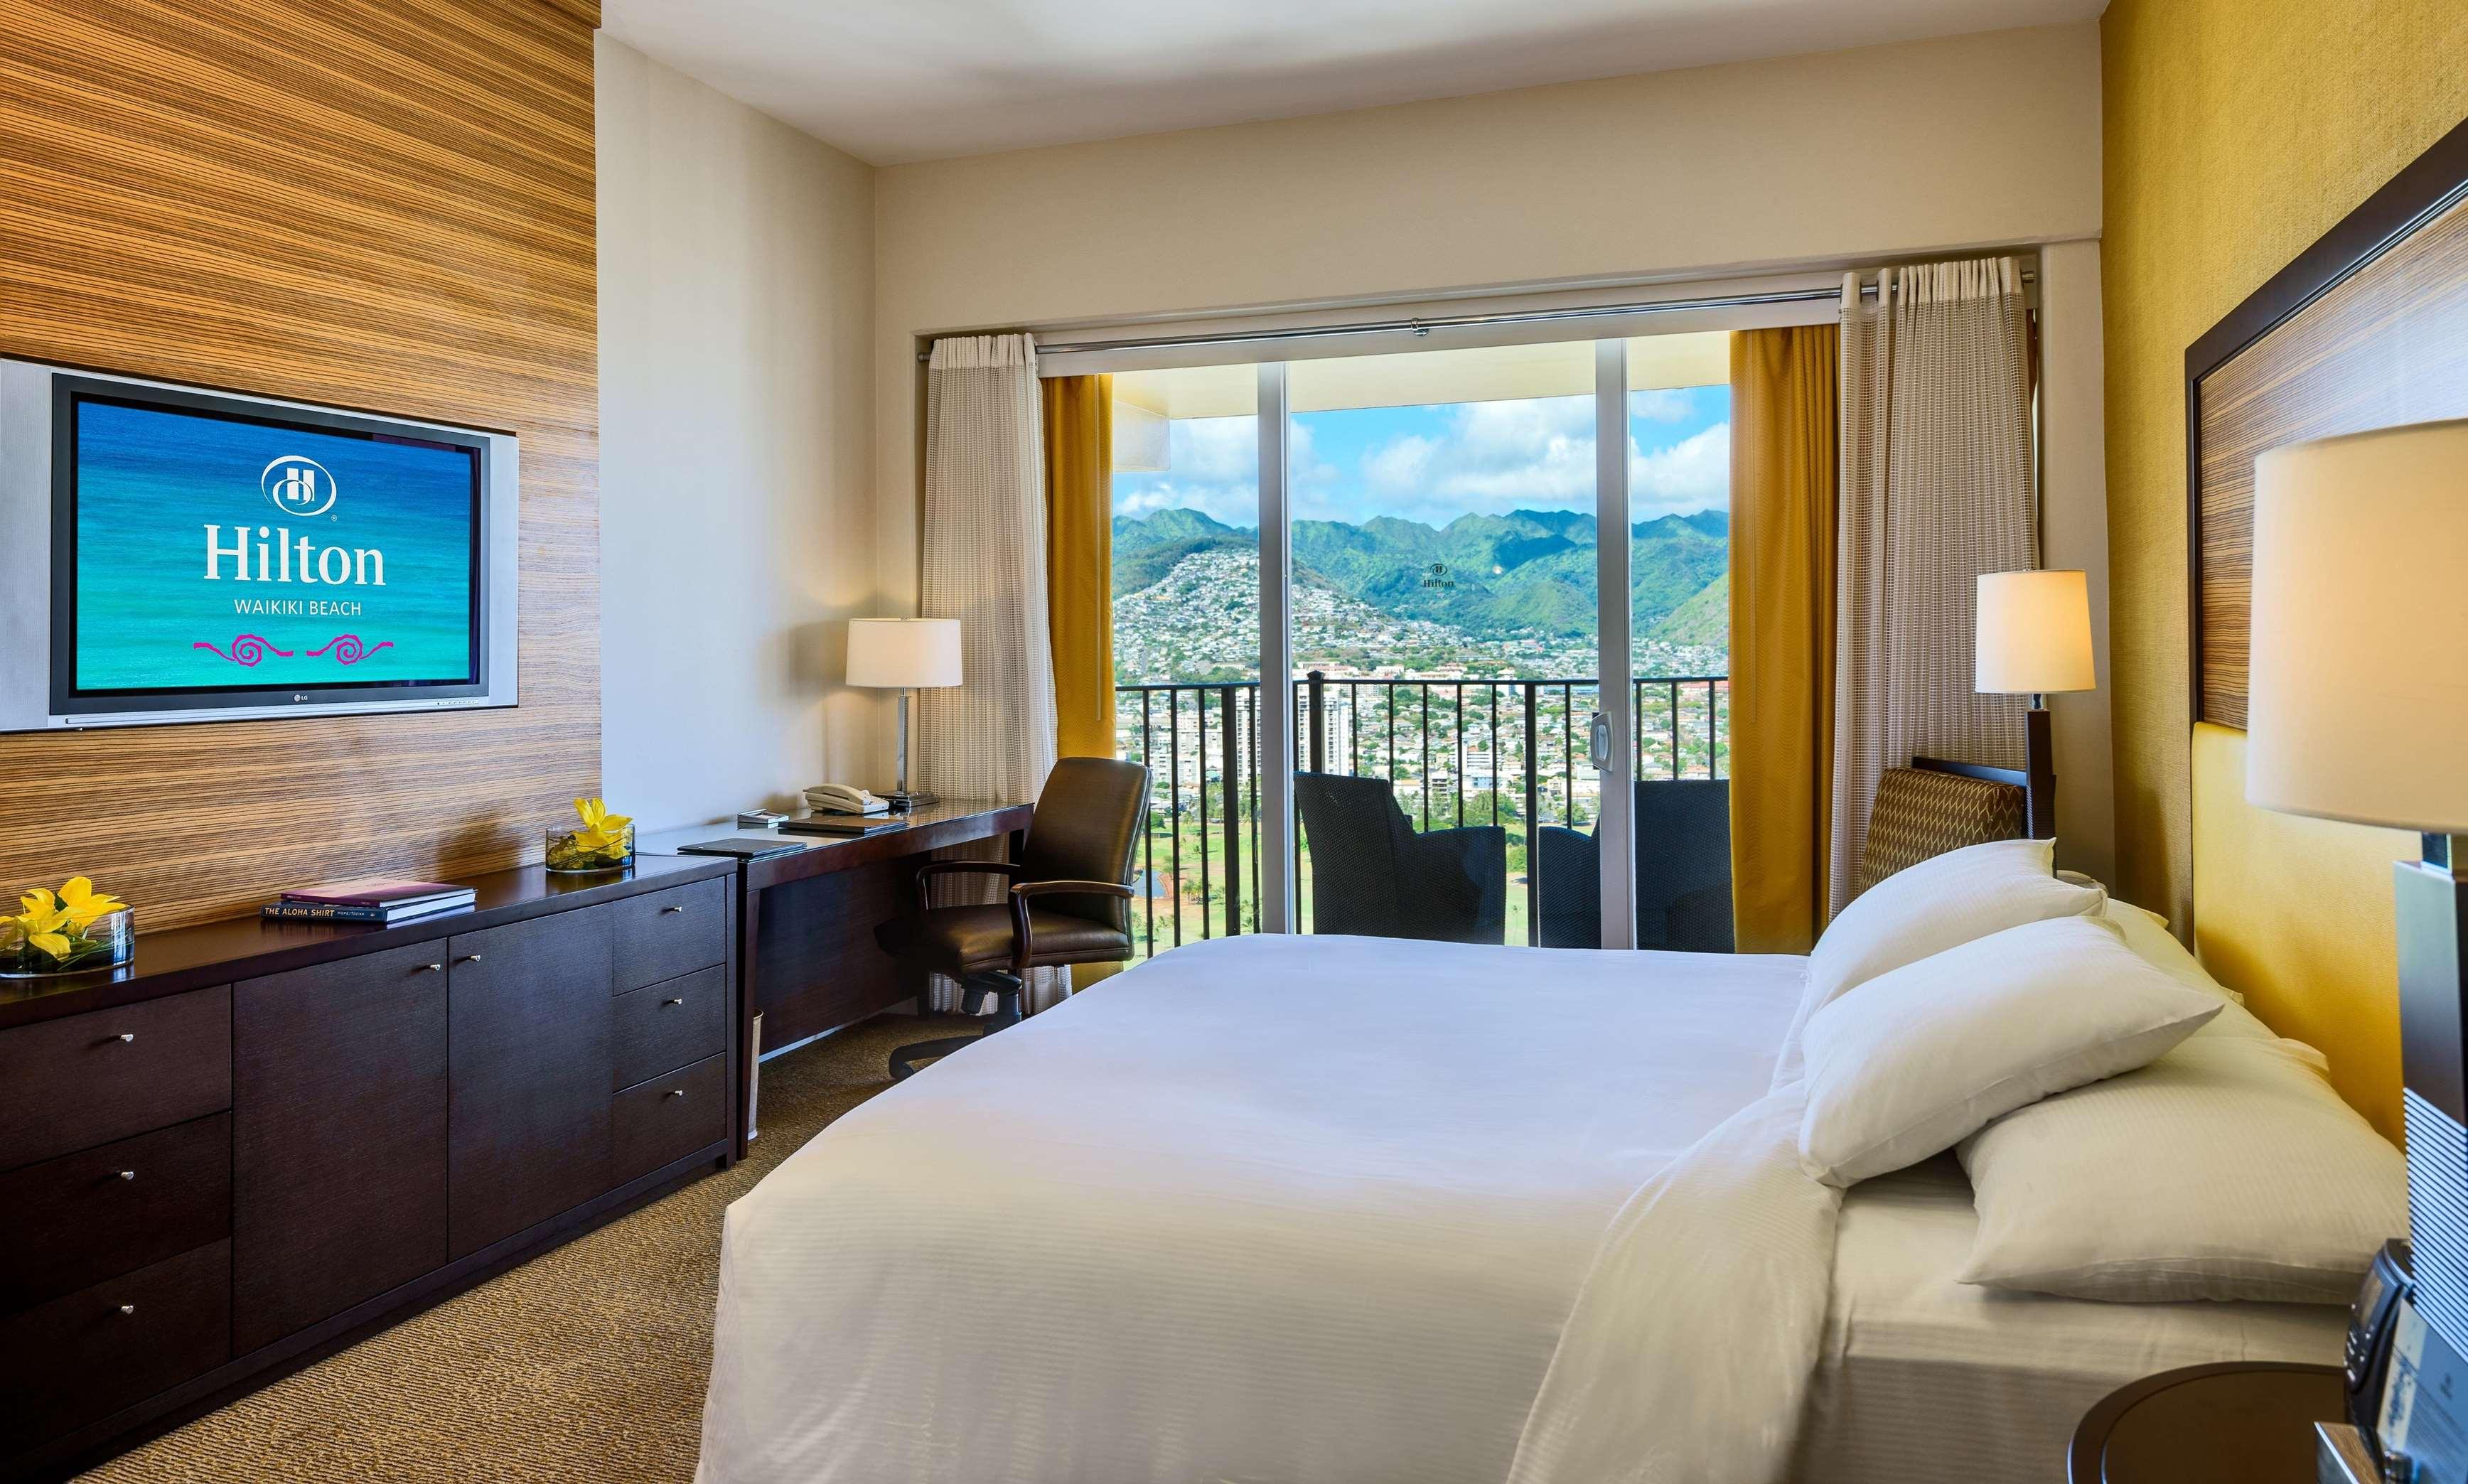 Hilton Waikiki Beach image 13